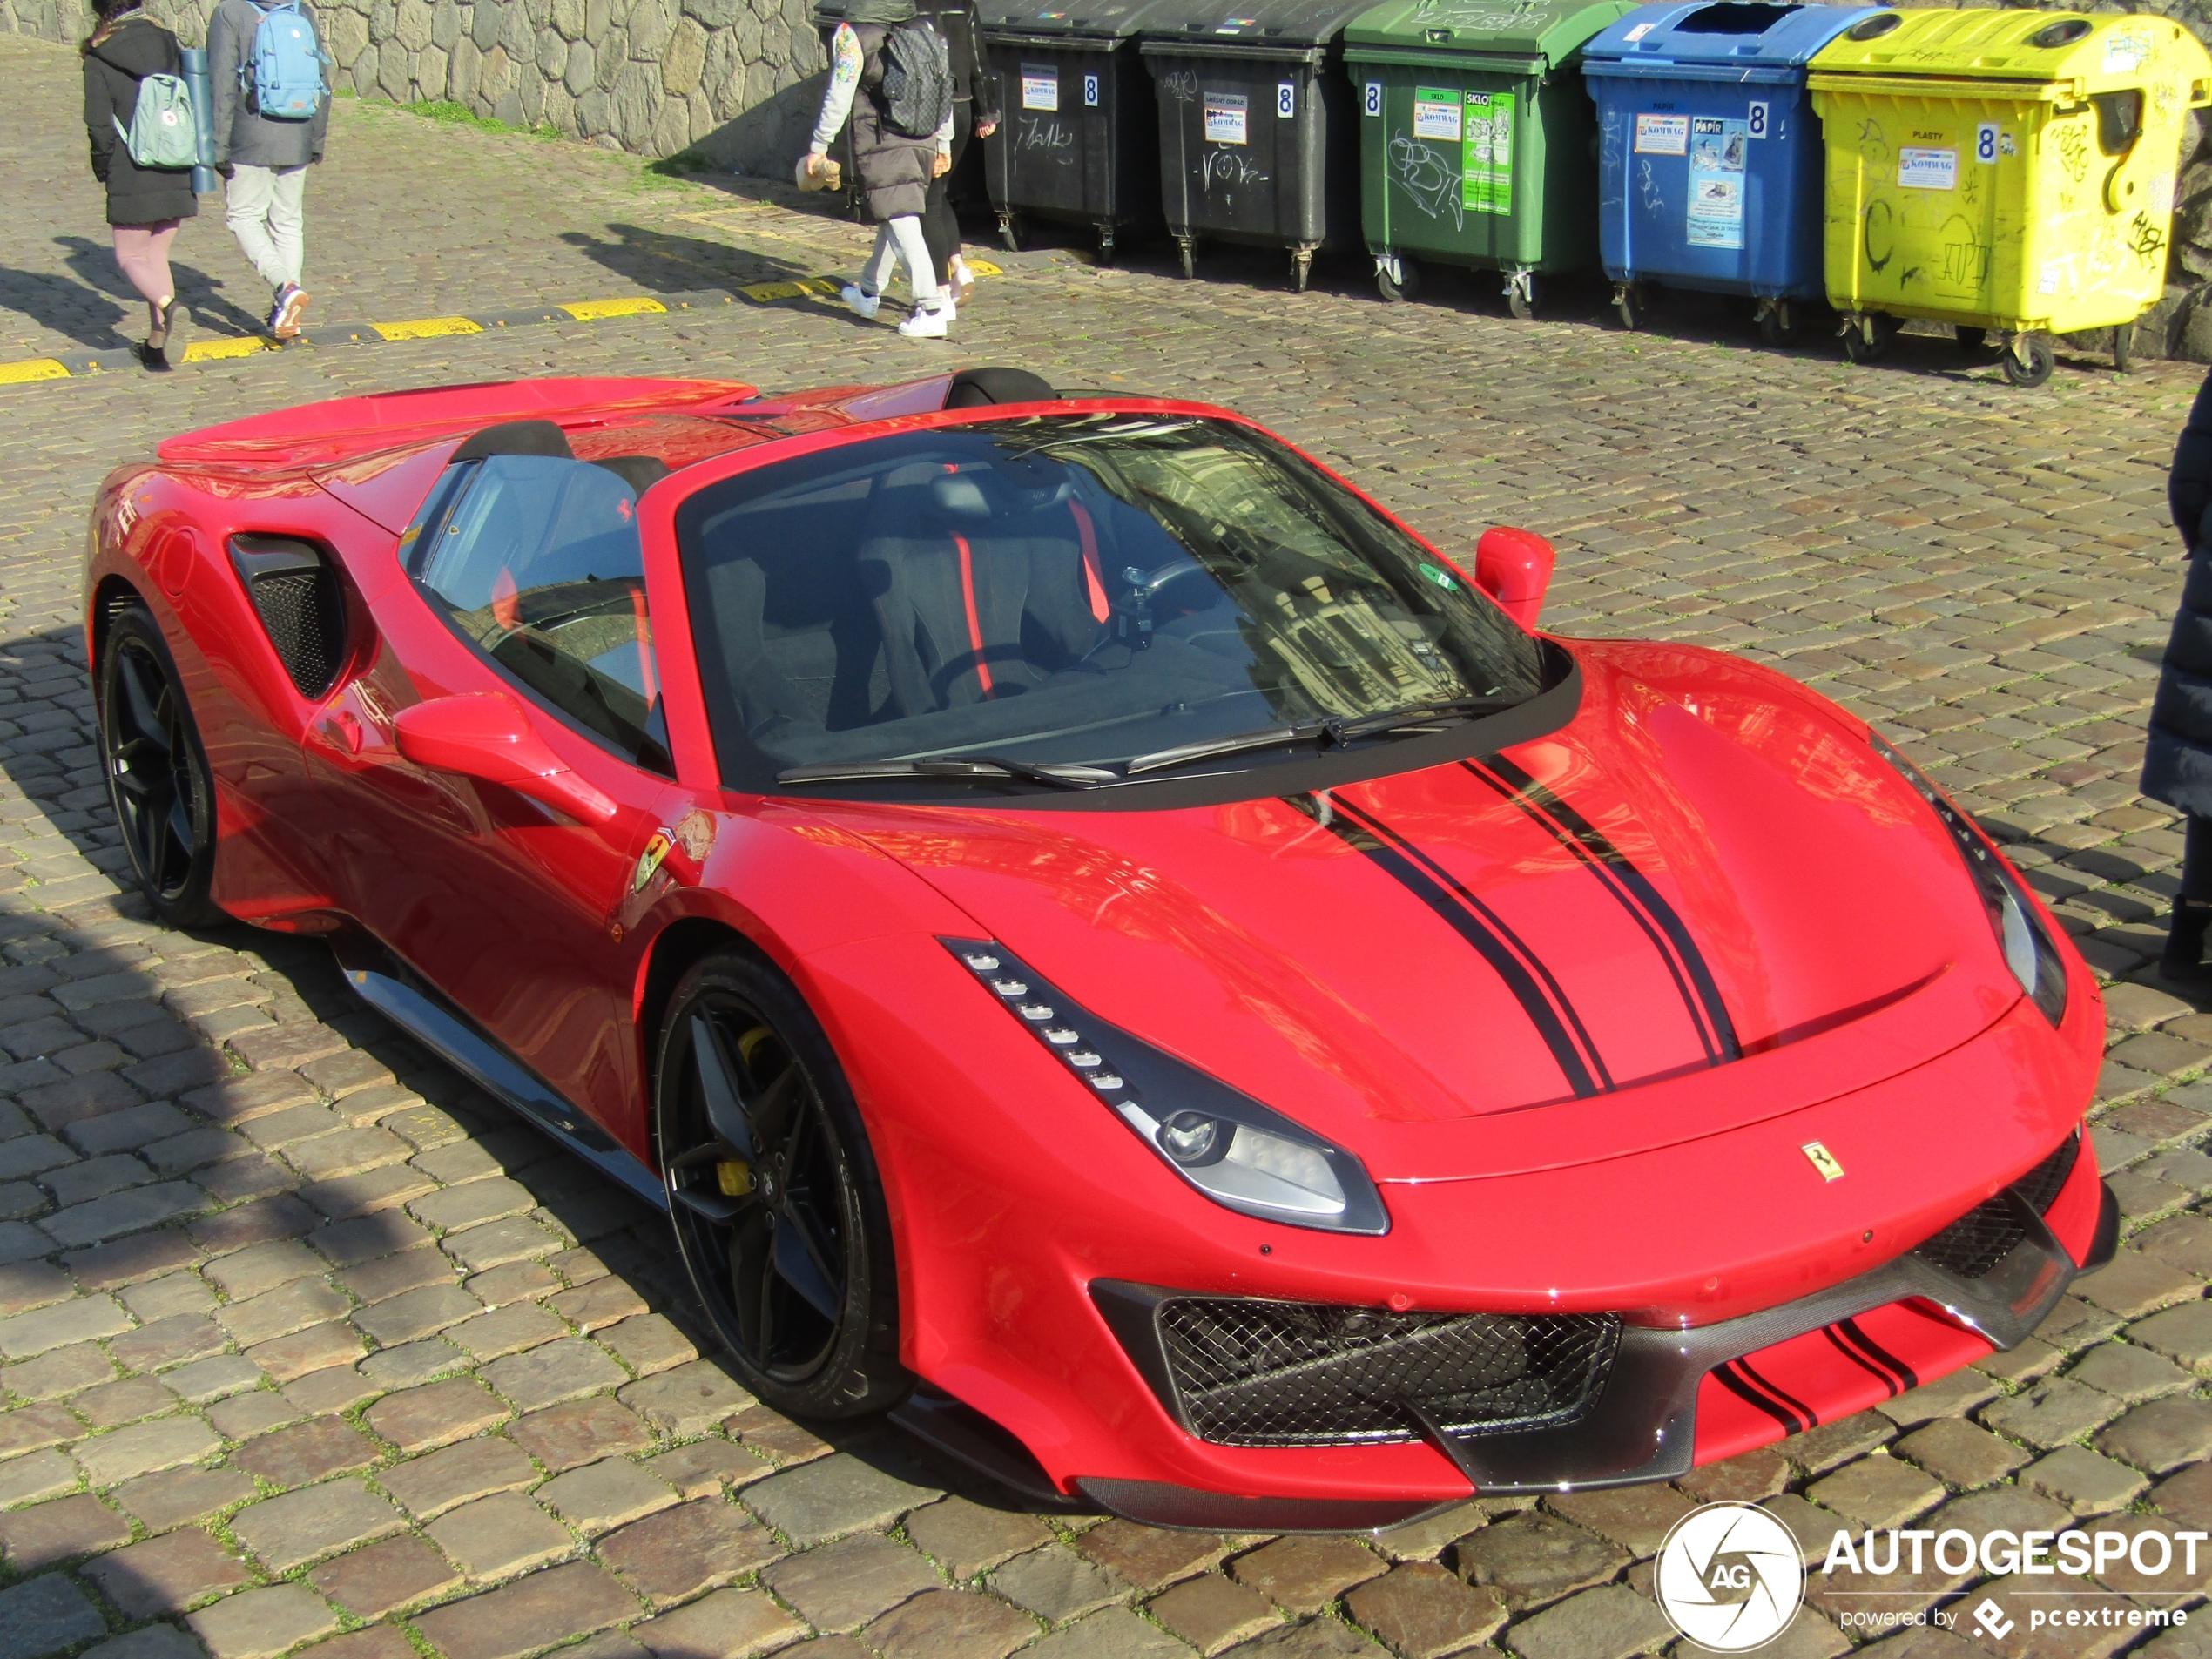 Deze nieuwe Ferrari 488 Pista's werden afgelopen weekend gespot